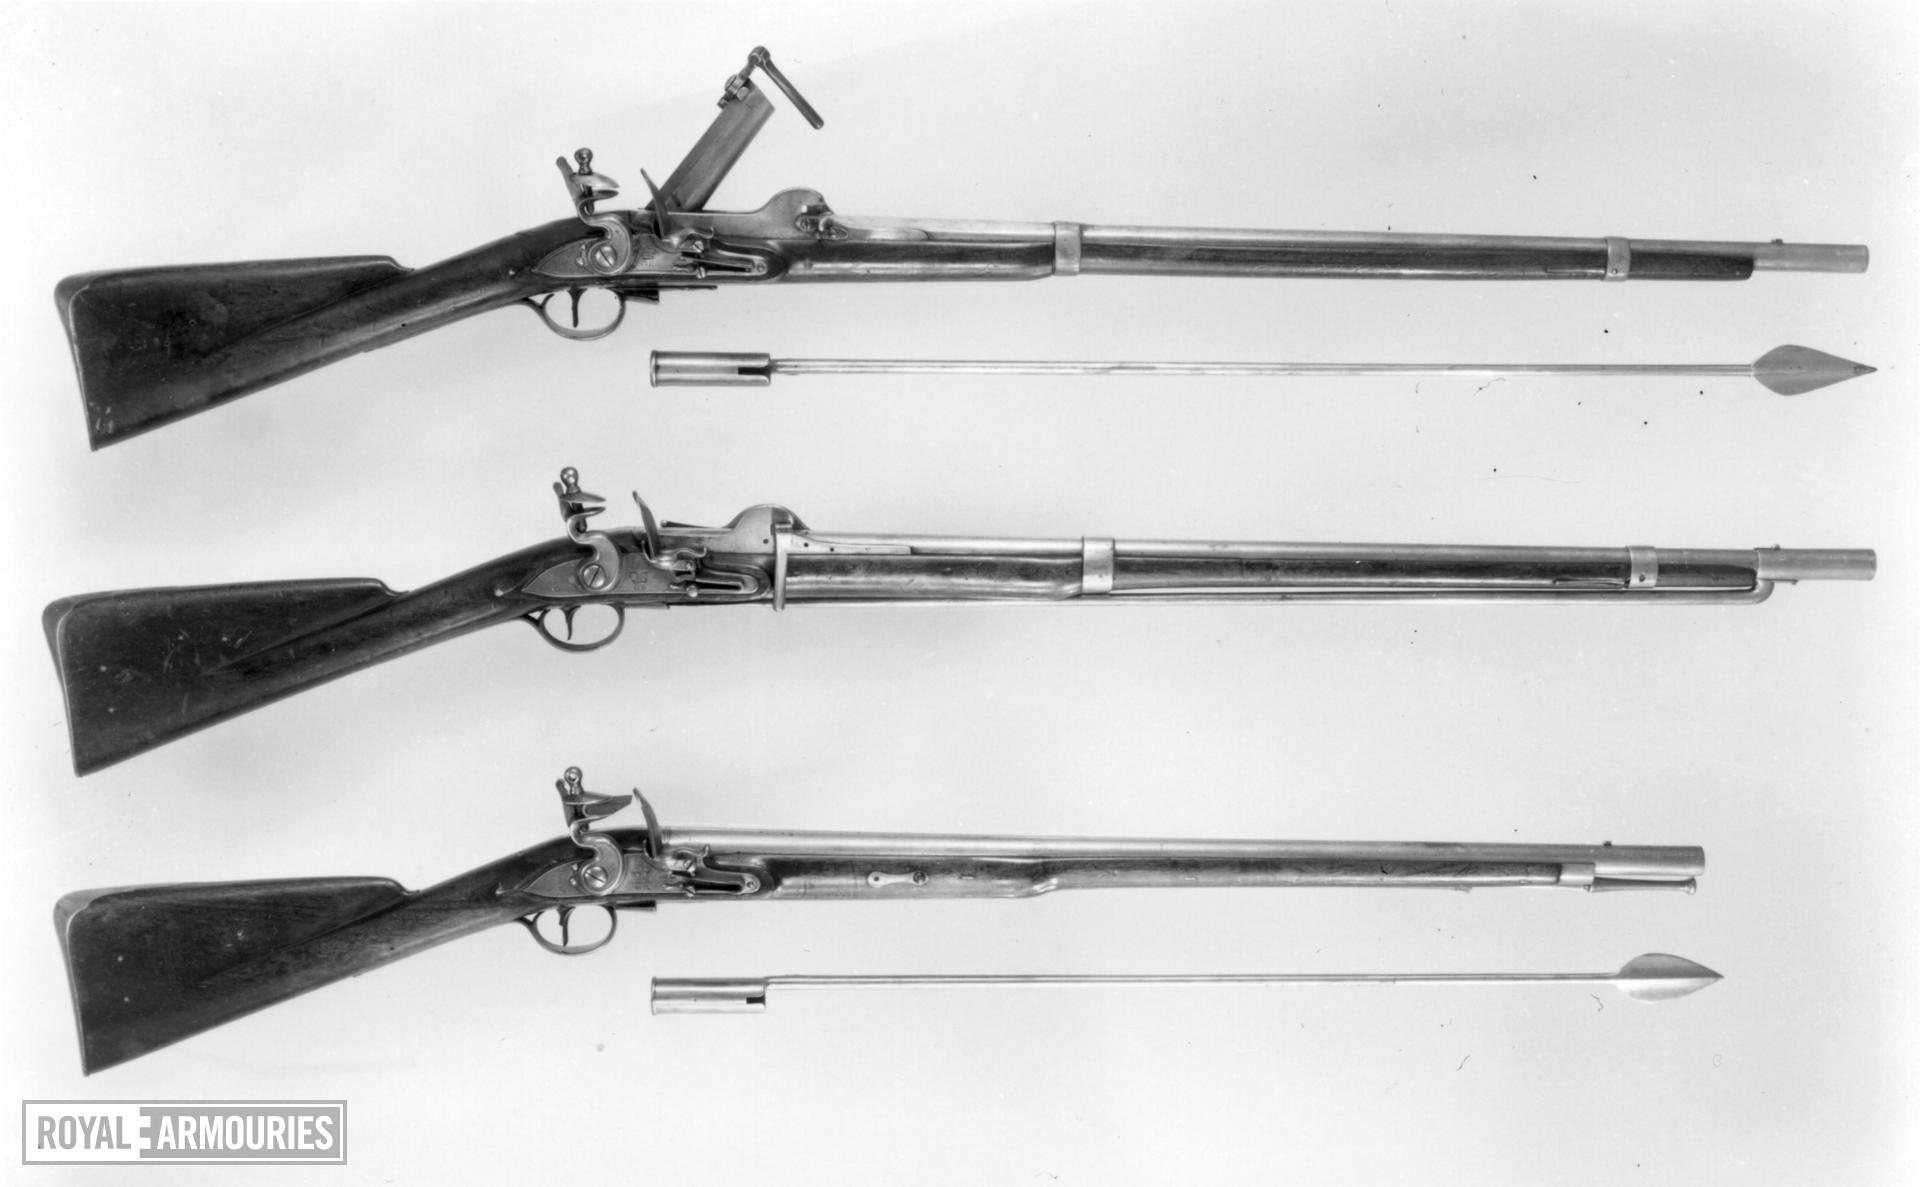 Flintlock breech-loading military carbine - Pattern 1785 Egg/Crespi